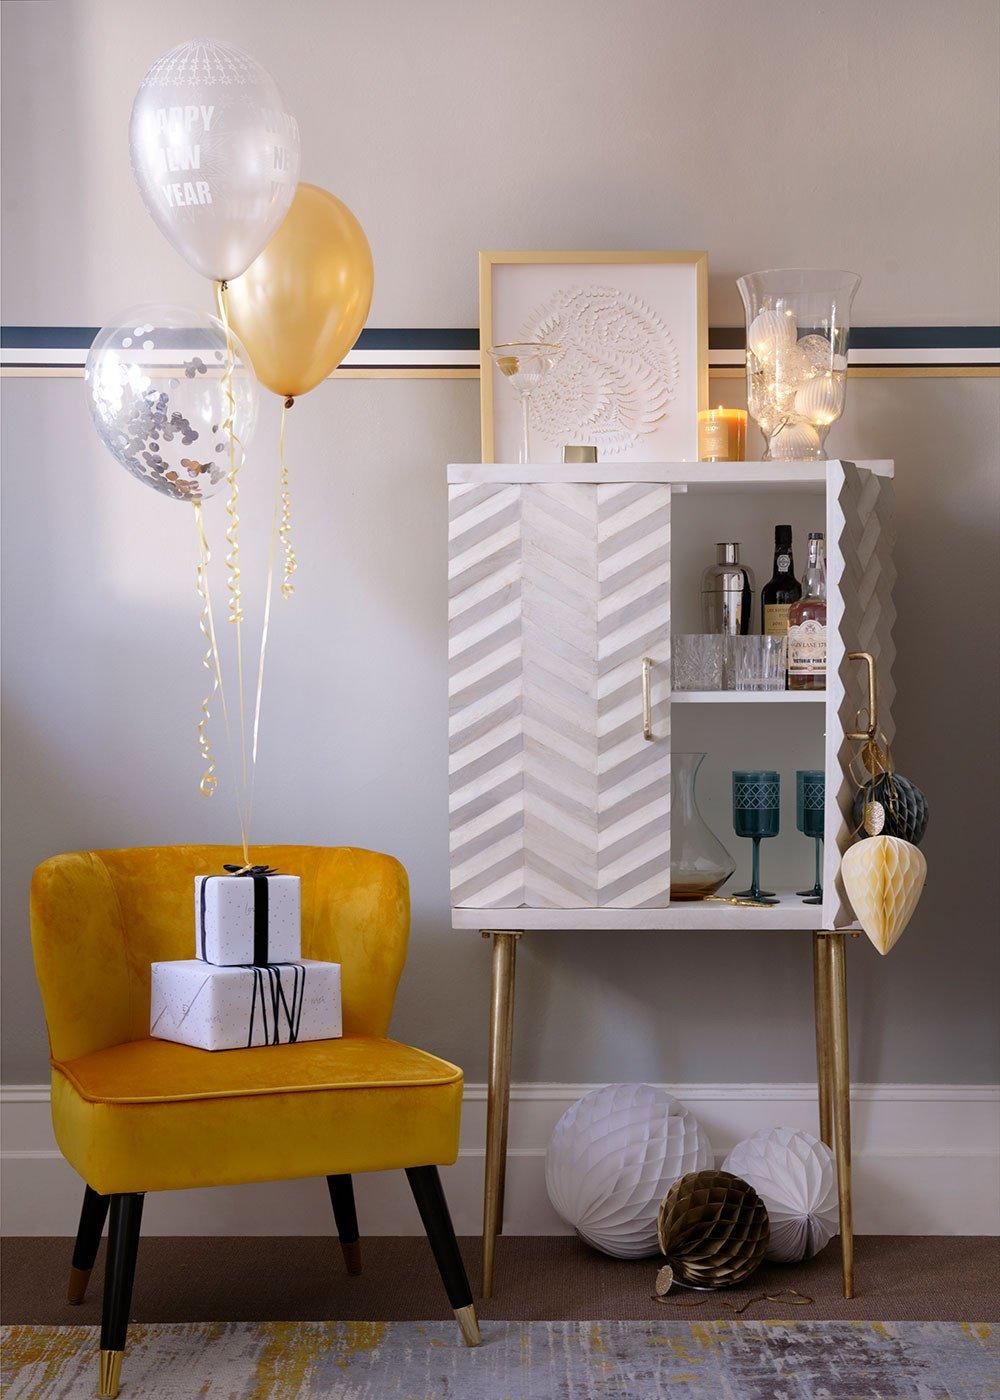 Ideas for Living Room Decor Inspirational Christmas Living Room Decorating Ideas – Living Room for Christmas